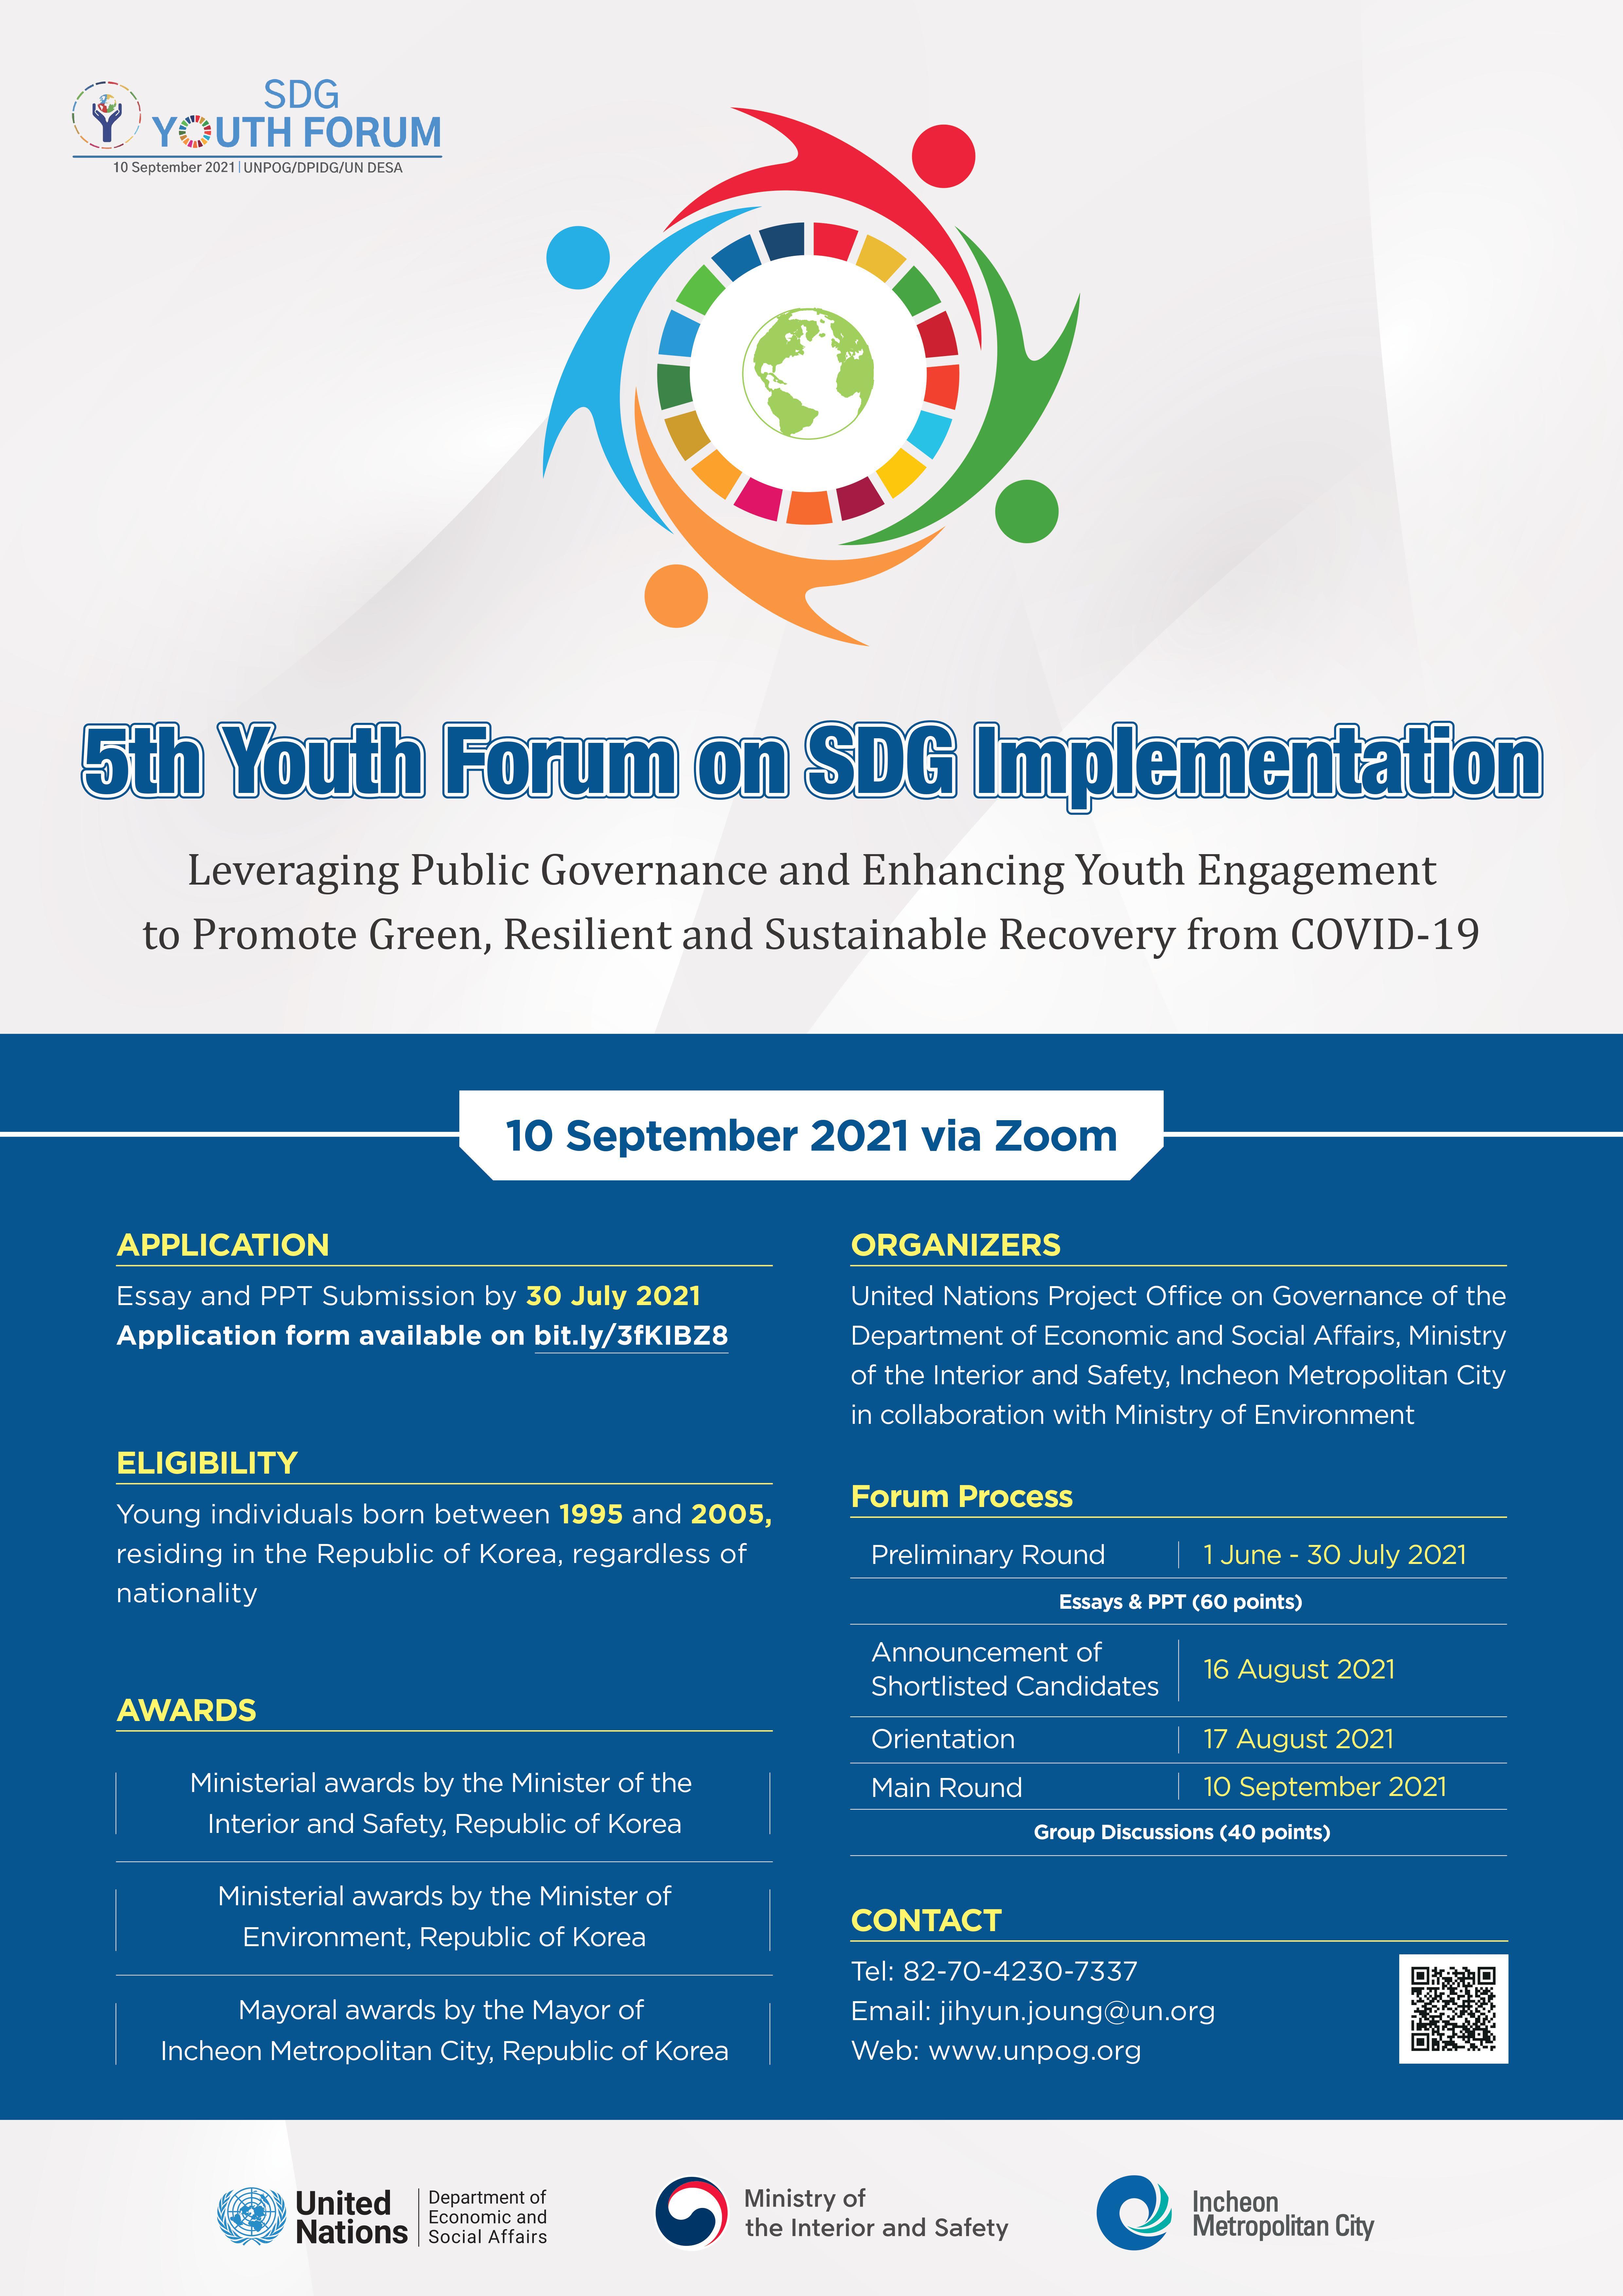 제5회 지속가능발전(SDGs) 이행을 위한 청년포럼